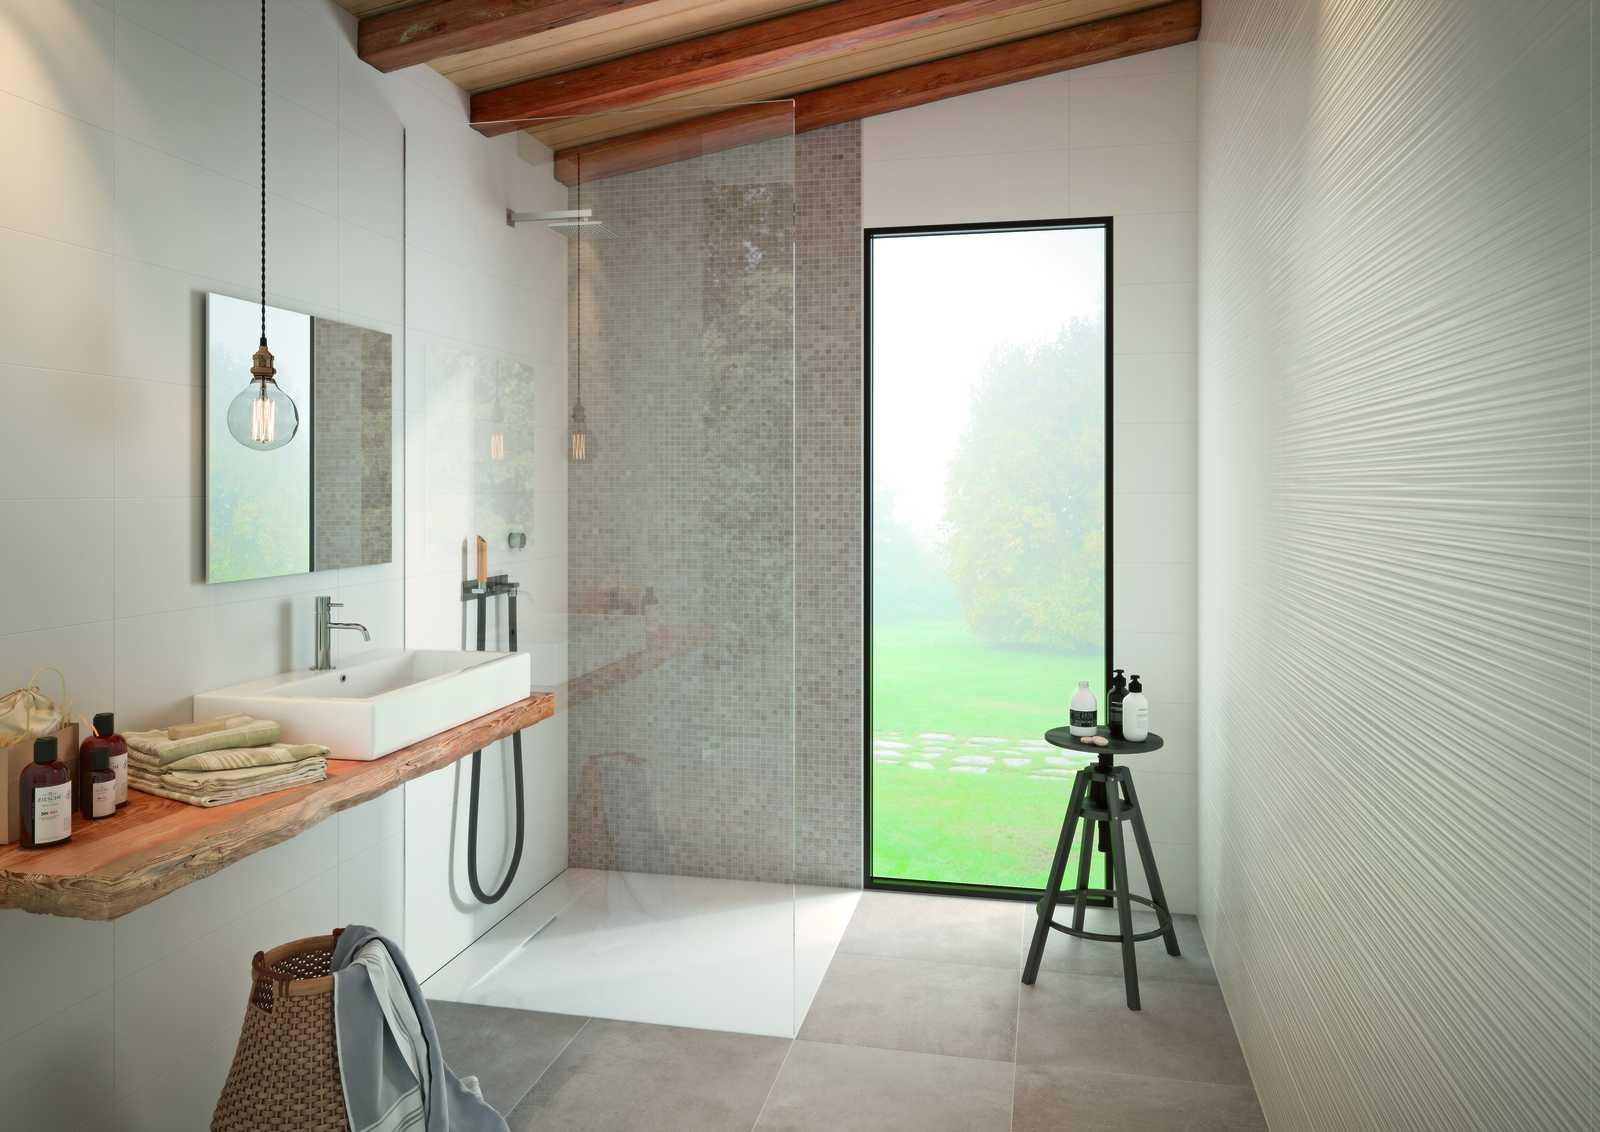 mattonelle per bagno: ceramica e gres porcellanato | marazzi - Marazzi Arredo Bagno